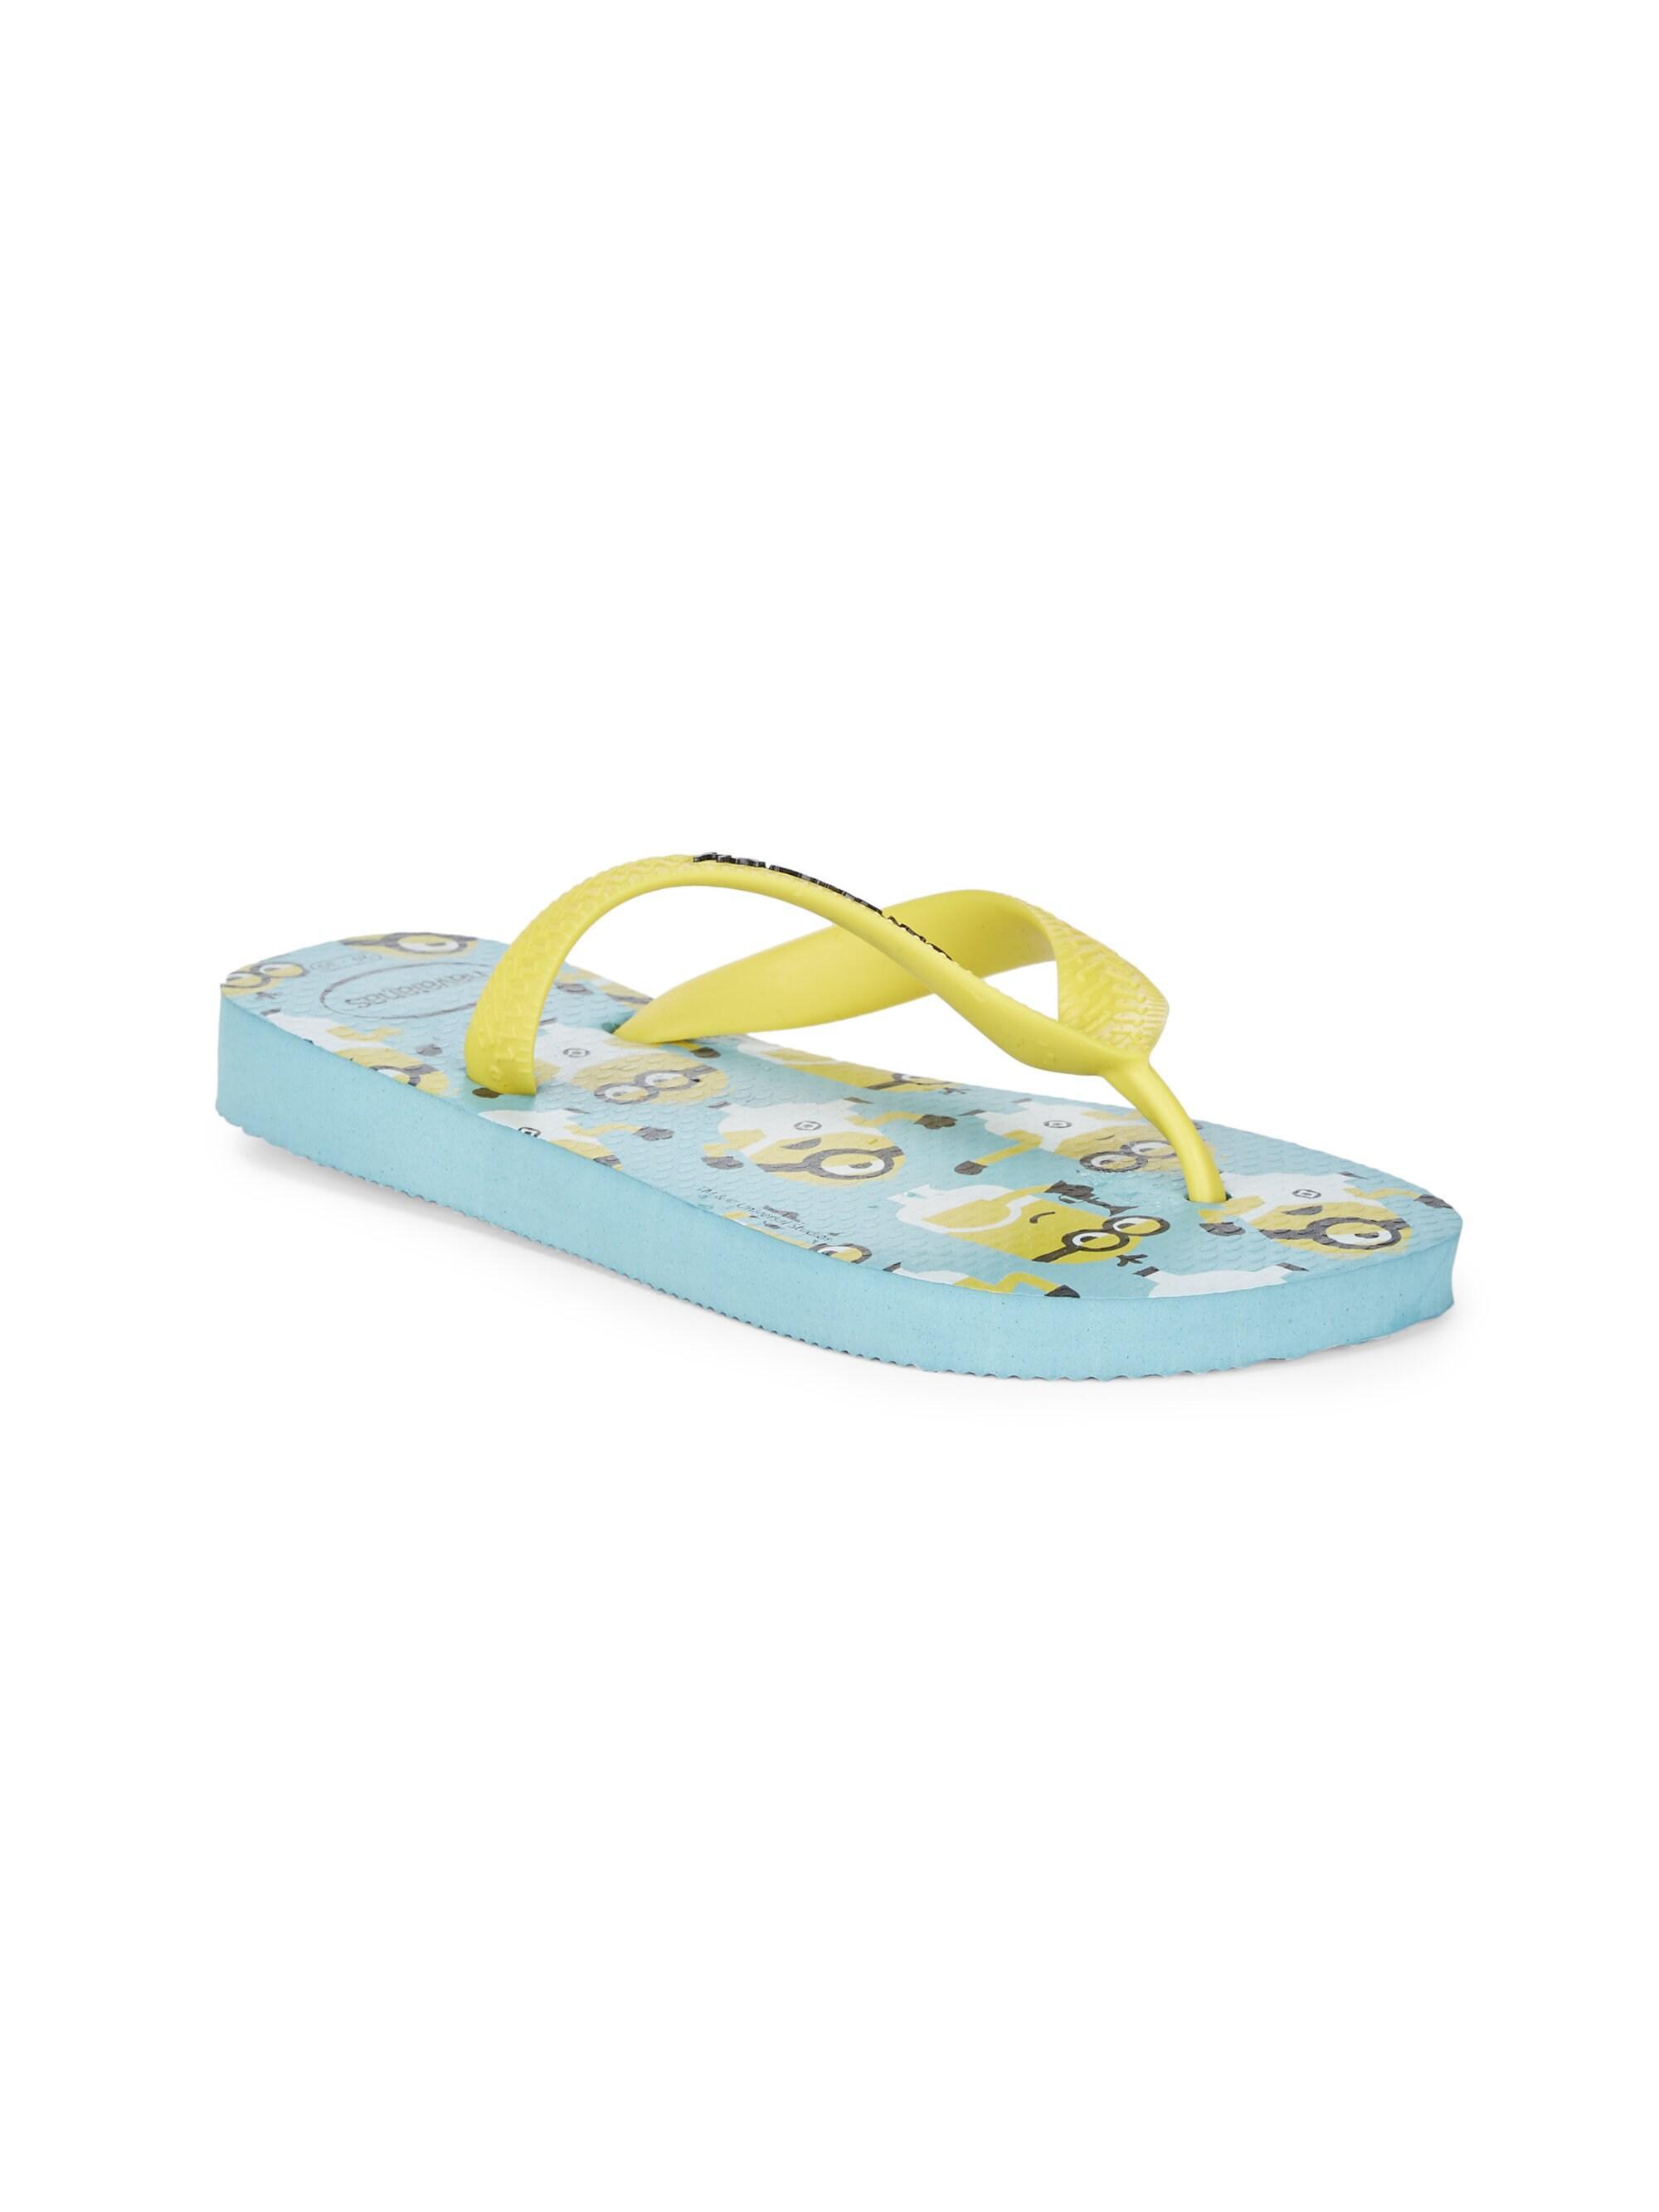 801aca7ba Lyst - Havaianas Kid s Minions Flip-flops in Blue for Men